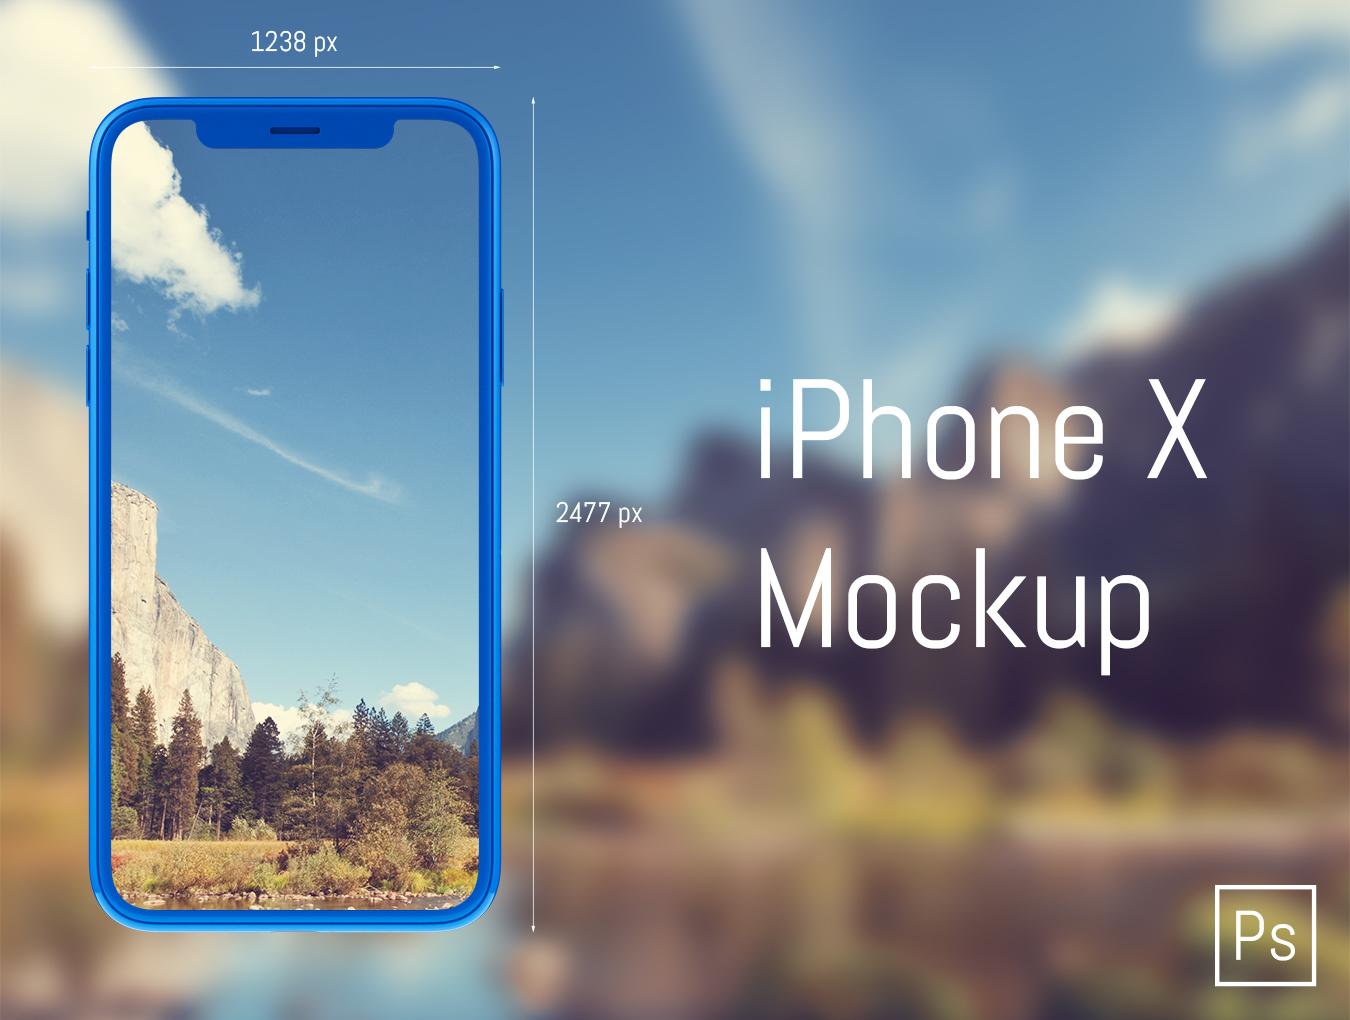 高品质背景装饰iPhone X AIR样机 iPhone X AIR Mockup插图